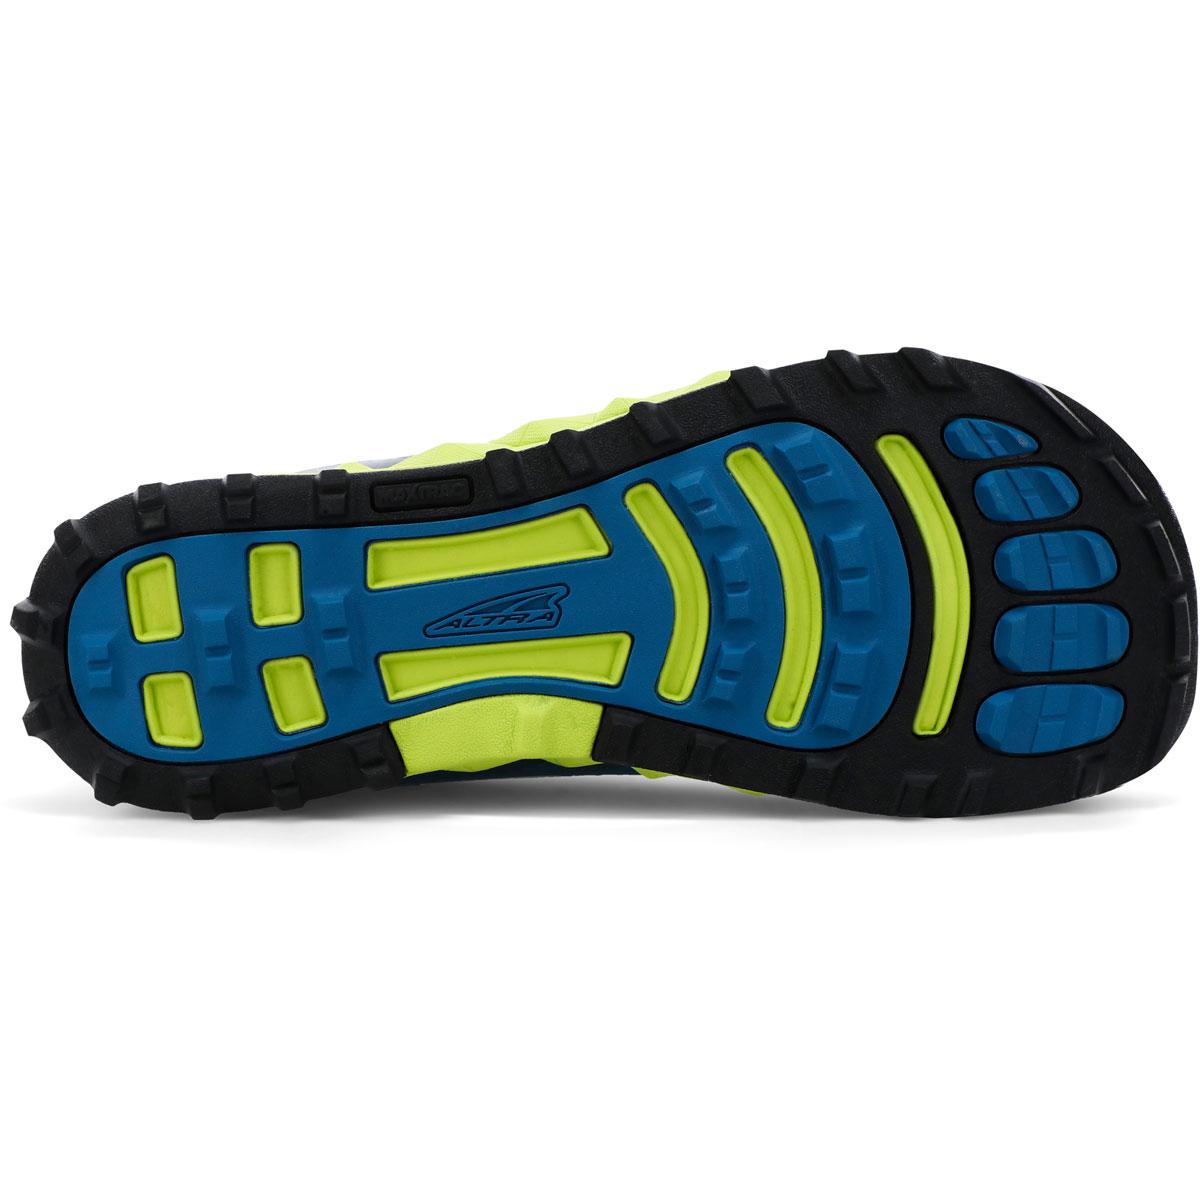 Men's Altra Superior 4.5 Trail Running Shoe - Color: Blue/Lime - Size: 7 - Width: Regular, Blue/Lime, large, image 4